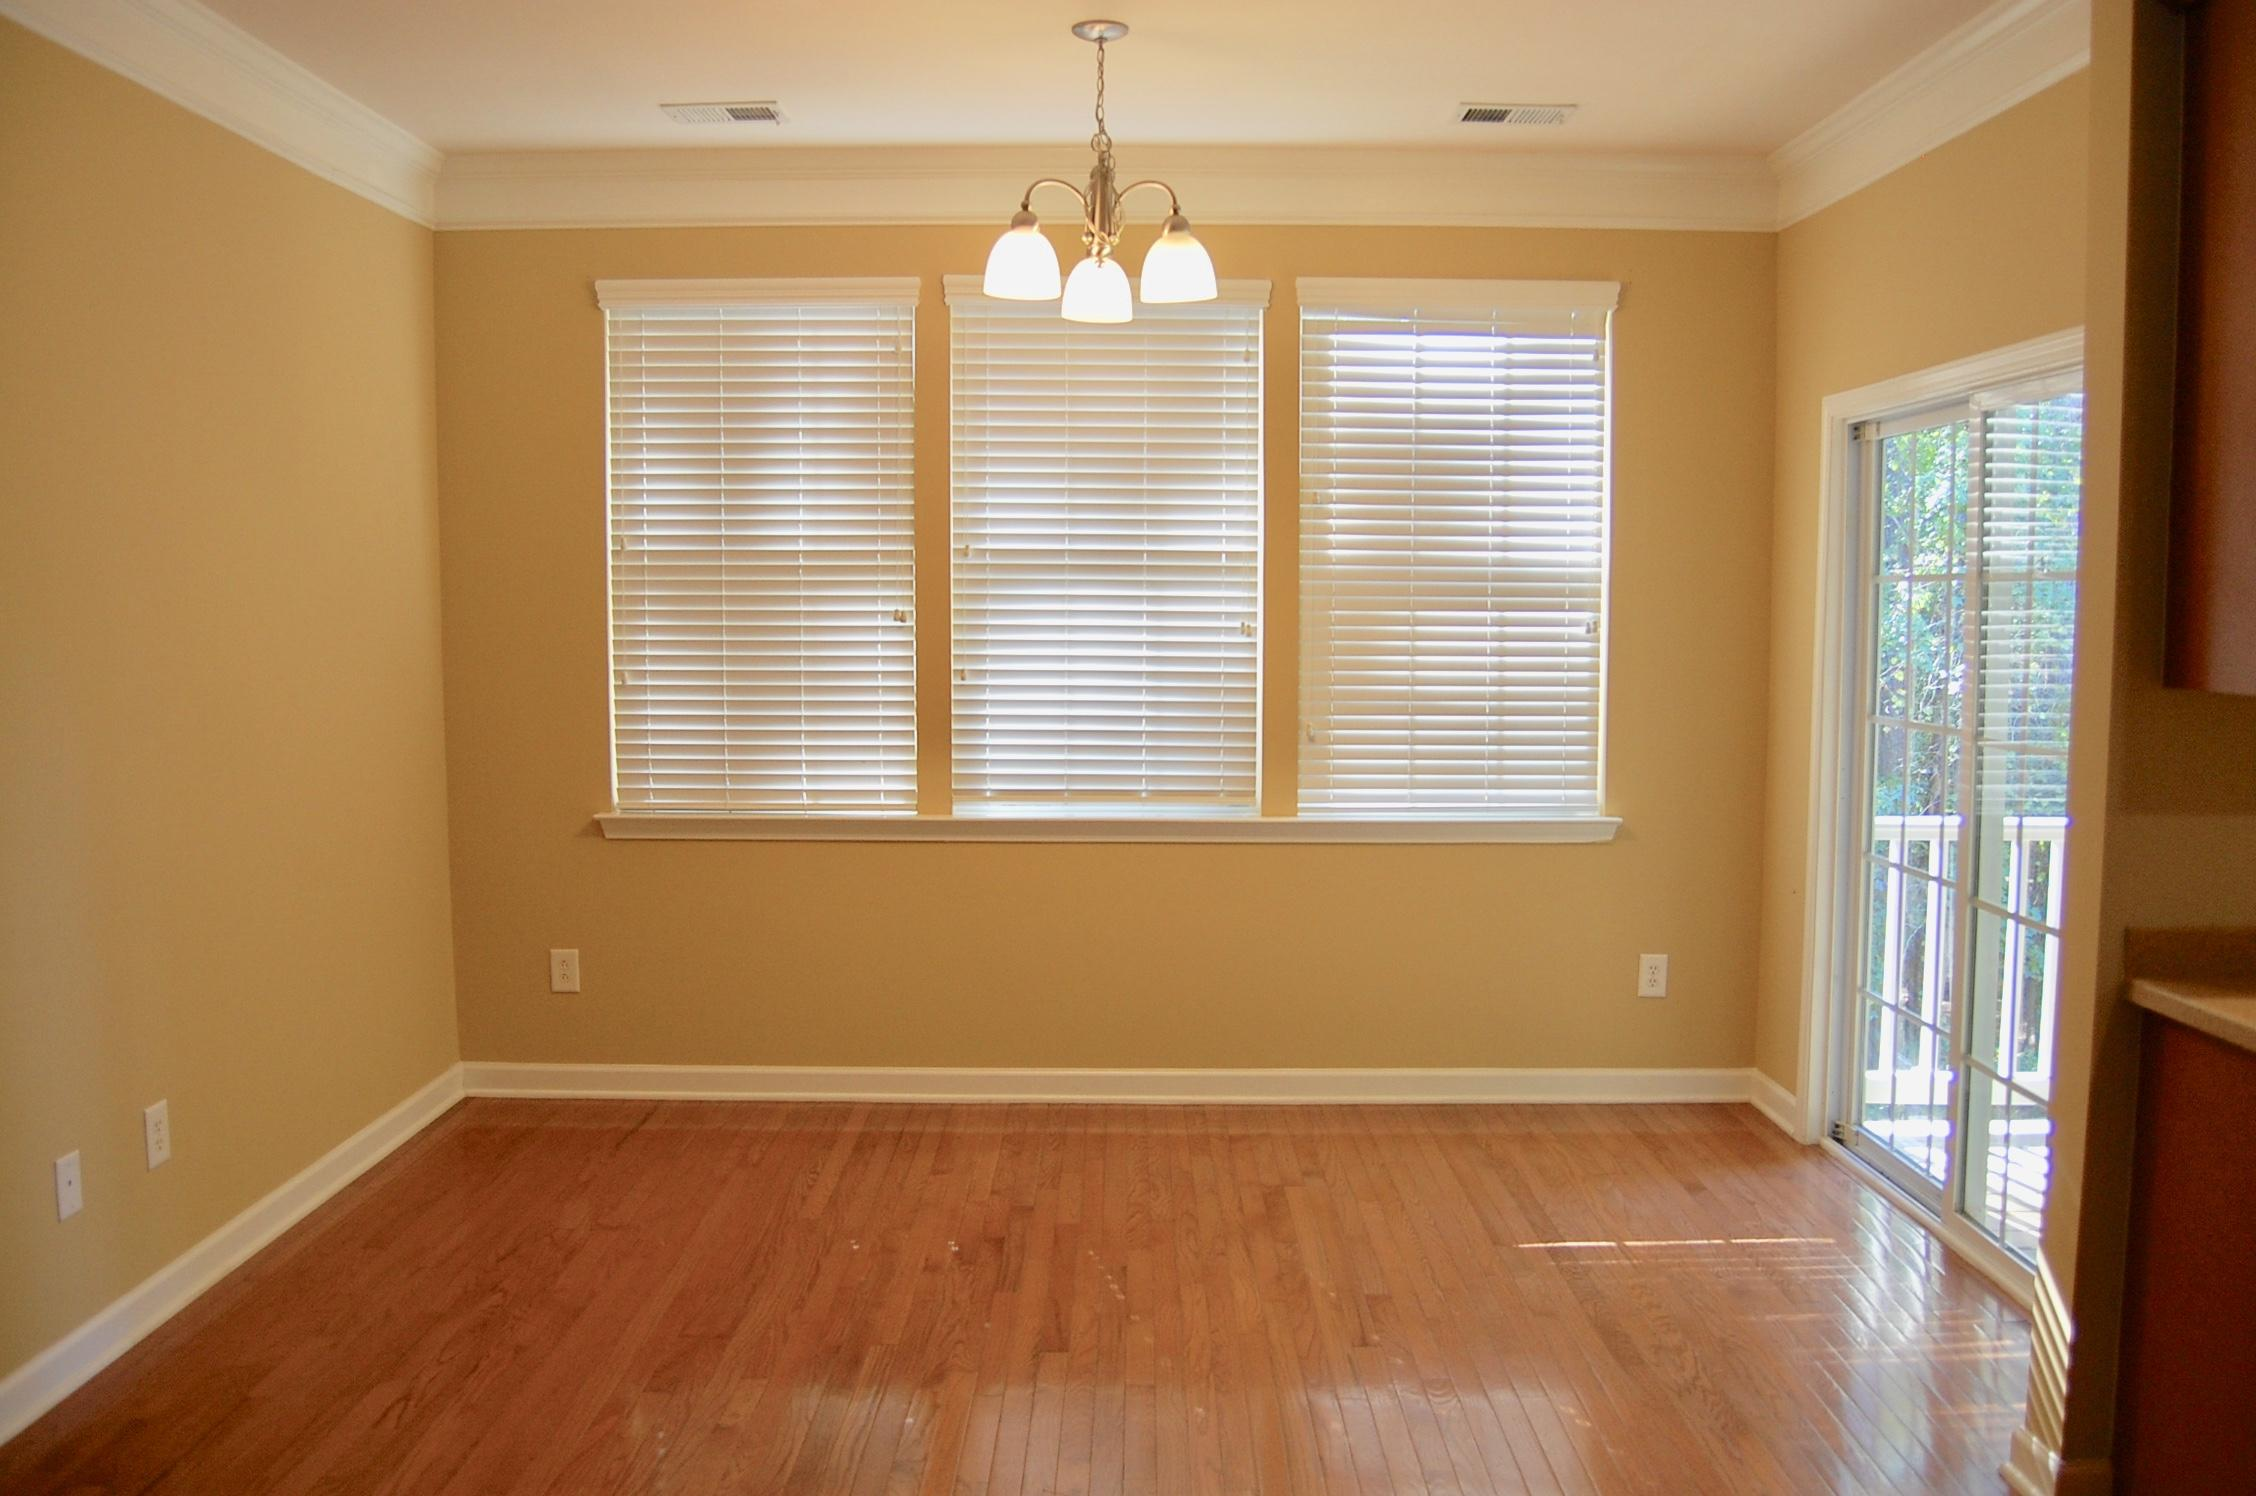 Park West Homes For Sale - 3529 Claremont, Mount Pleasant, SC - 7